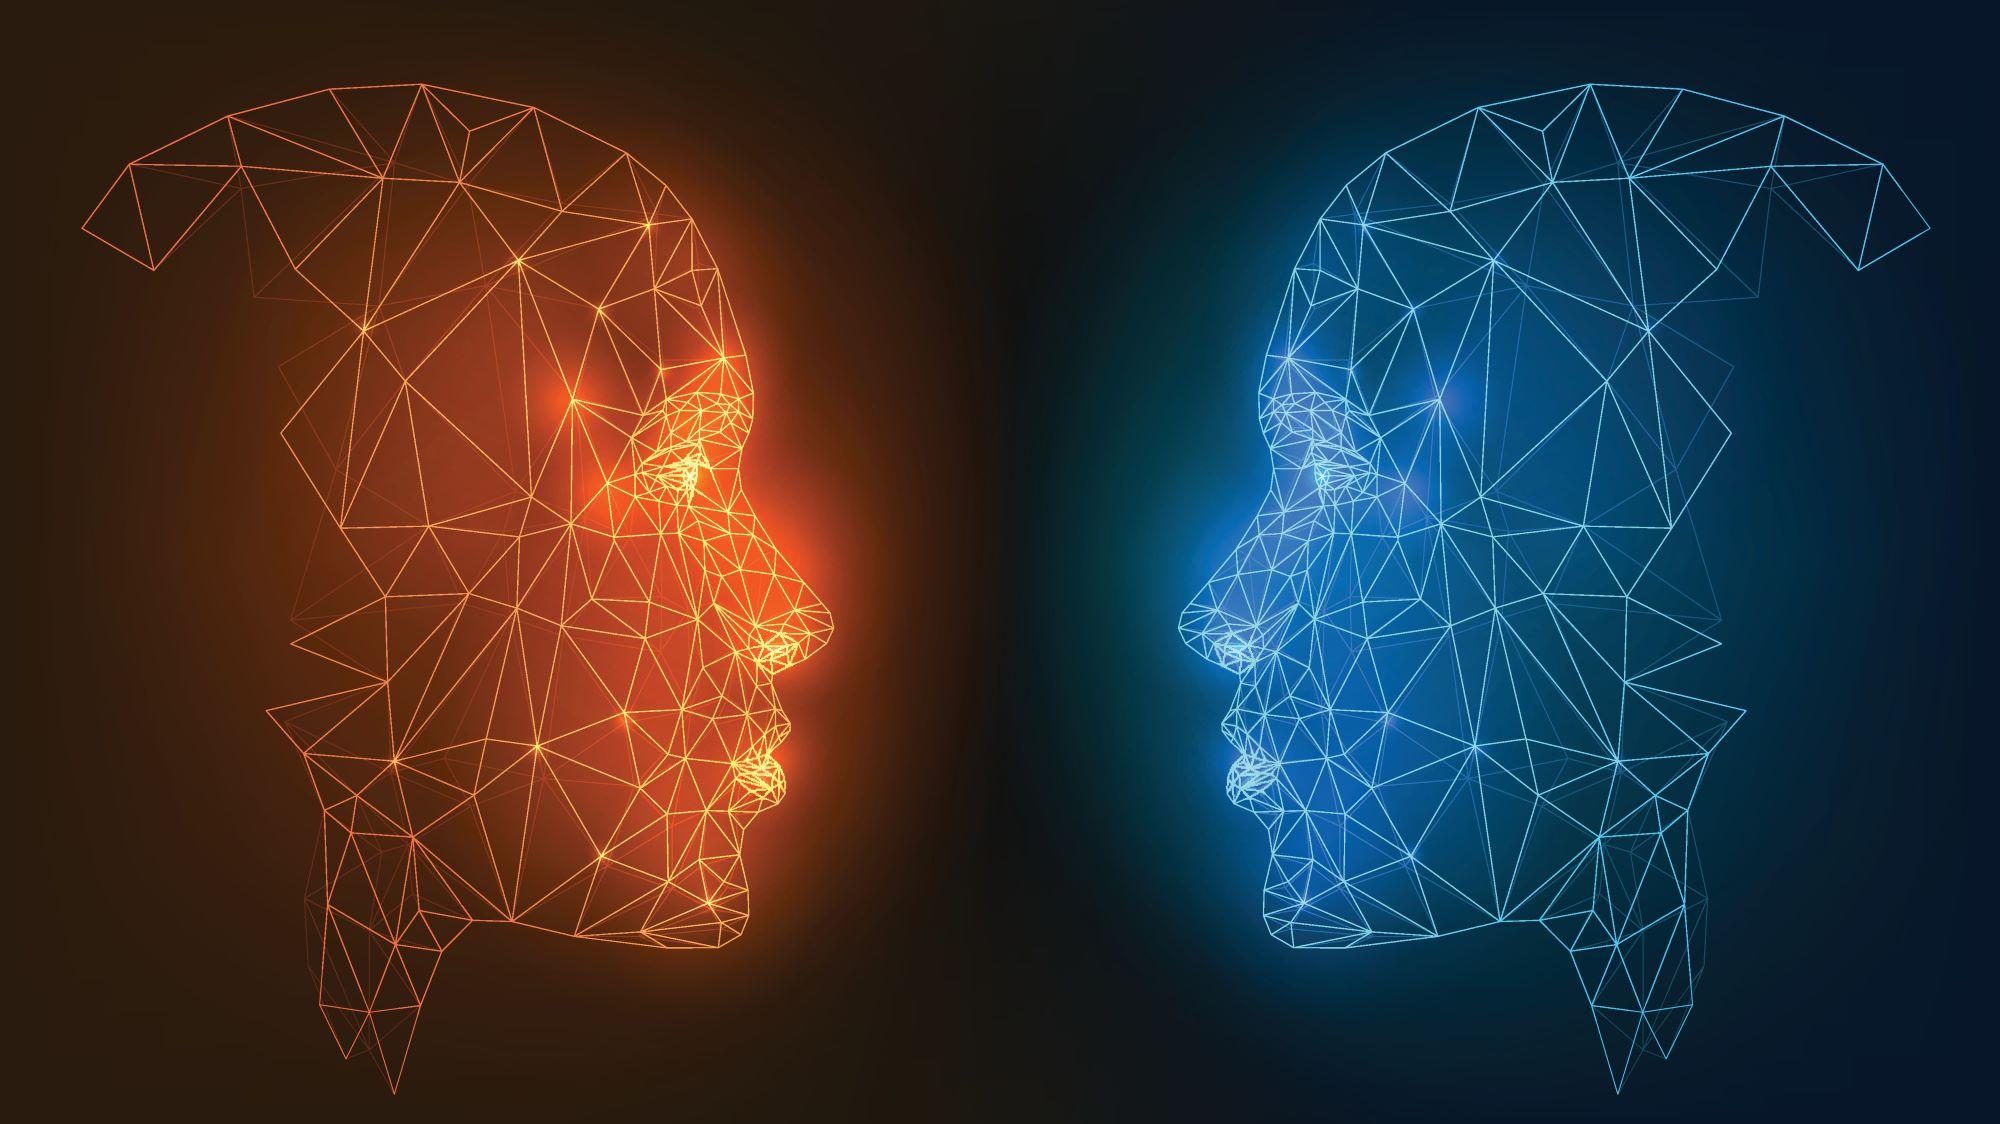 Links ein rotes Gesicht und rechts ein blaues Gesicht. Beide sind zueinander gerichtet. Symbolisch für eine Paarbeziehung.